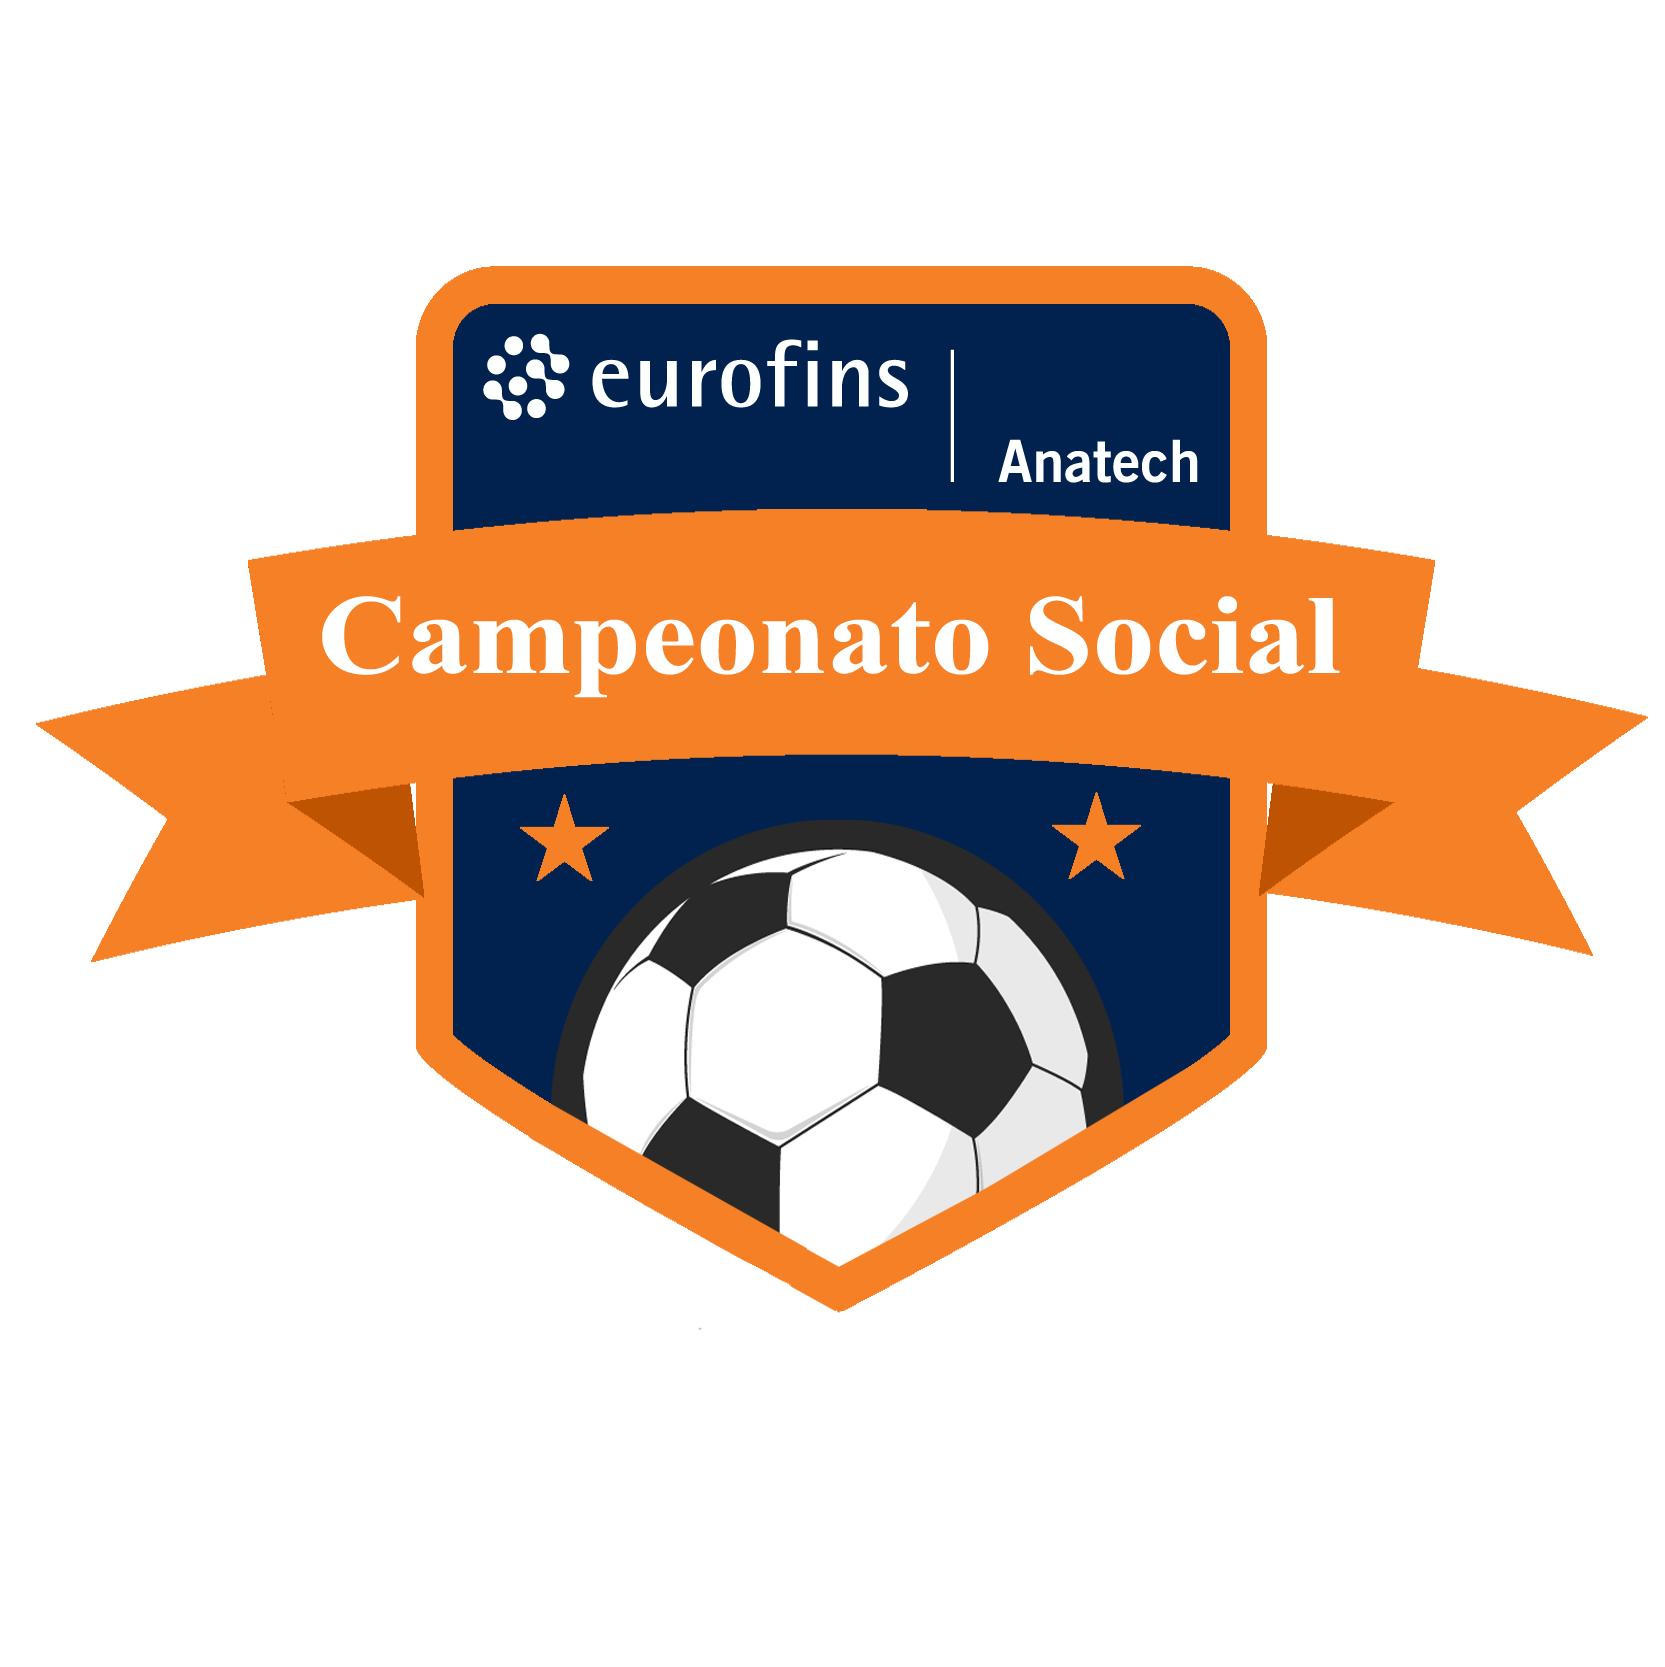 6º Campeonato de Futebol Social Eurofins | Anatech